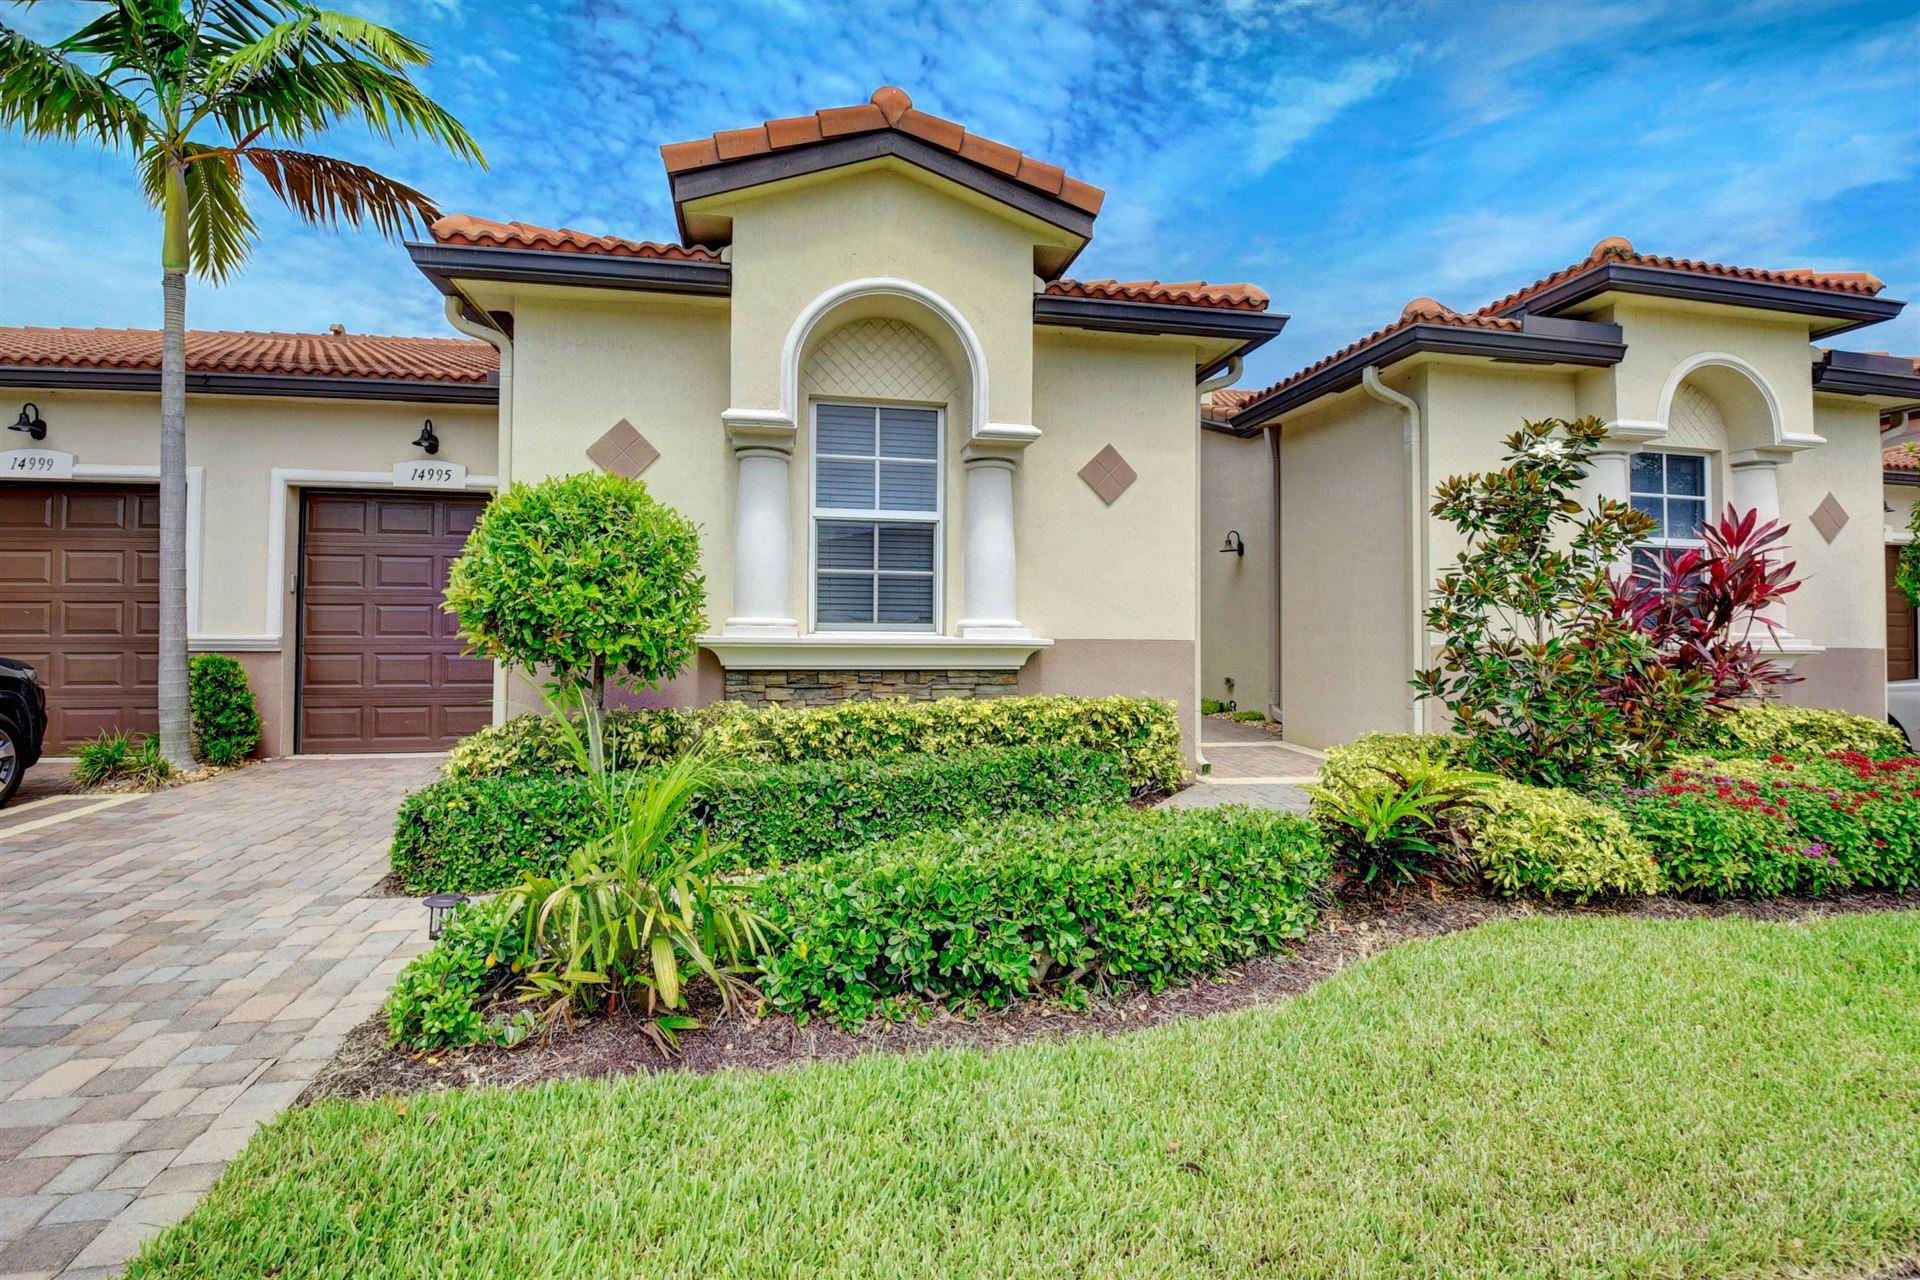 14995 Barletta Way, Delray Beach, FL 33446 - #: RX-10635820